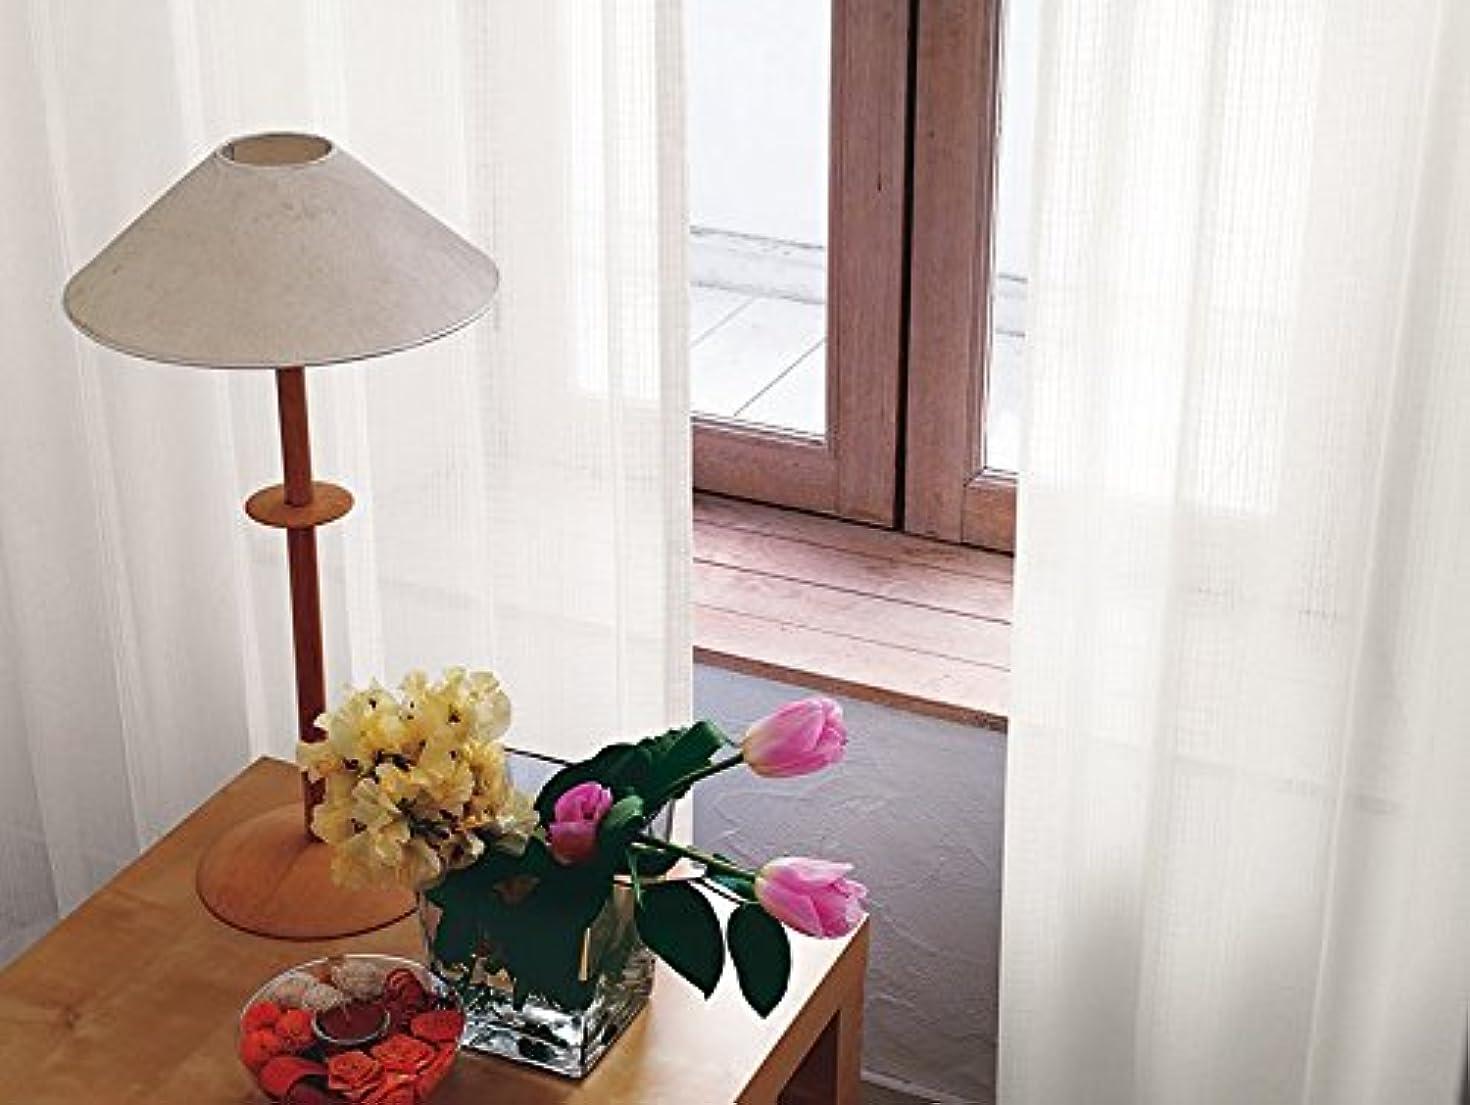 協力的洗うレビュー東リ 繊細なチェックの柄 フラットカーテン1.3倍ヒダ KSA60474 幅:300cm ×丈:170cm (2枚組)オーダーカーテン